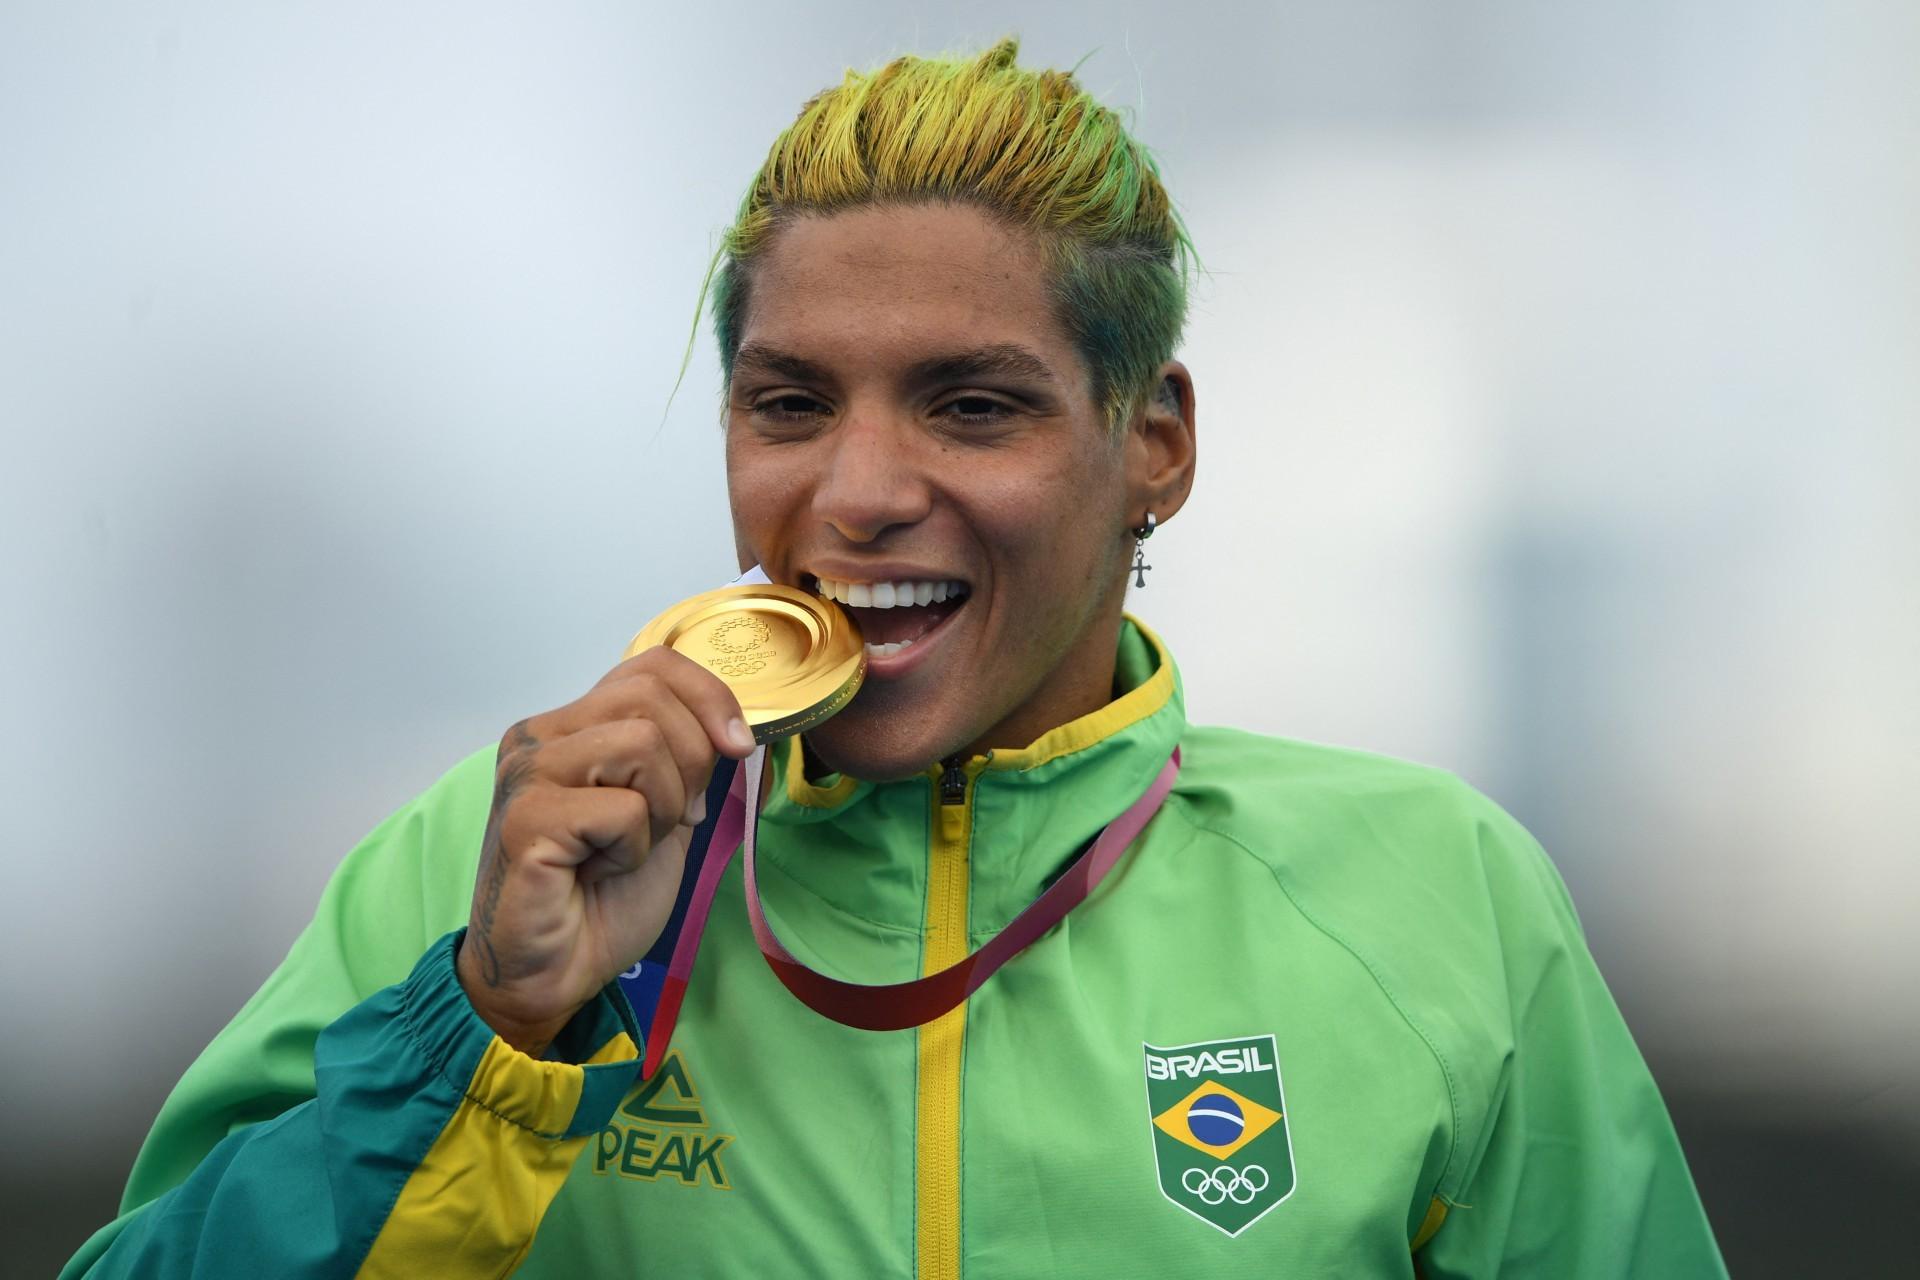 Ana Marcela Cunha, ouro na maratona aquática, é uma das atletas LGBTQUIA+ em Tóquio (Foto: Oli SCARFF / AFP)